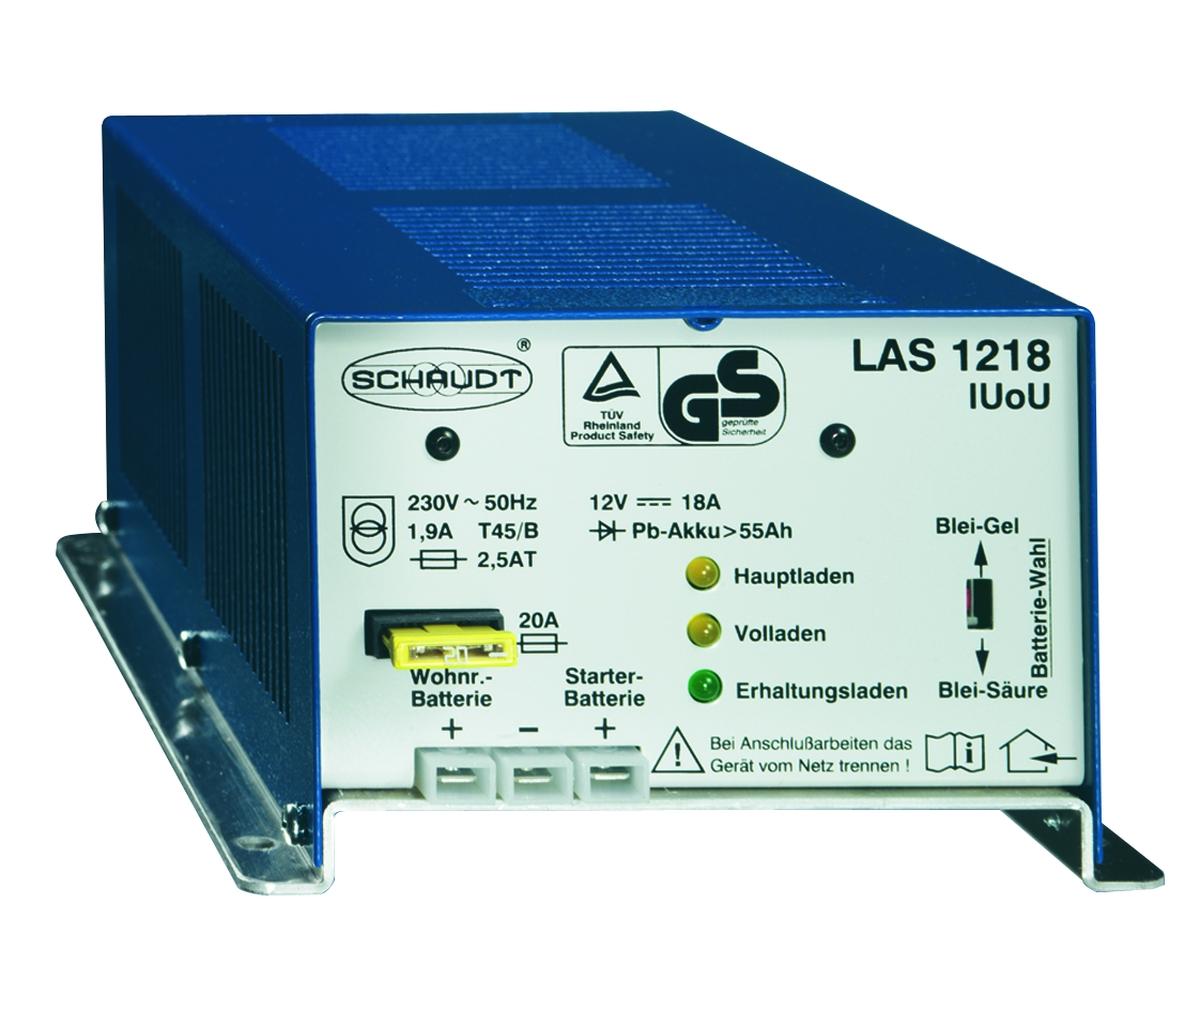 Schaudt Batterieladegerät LAS 1218